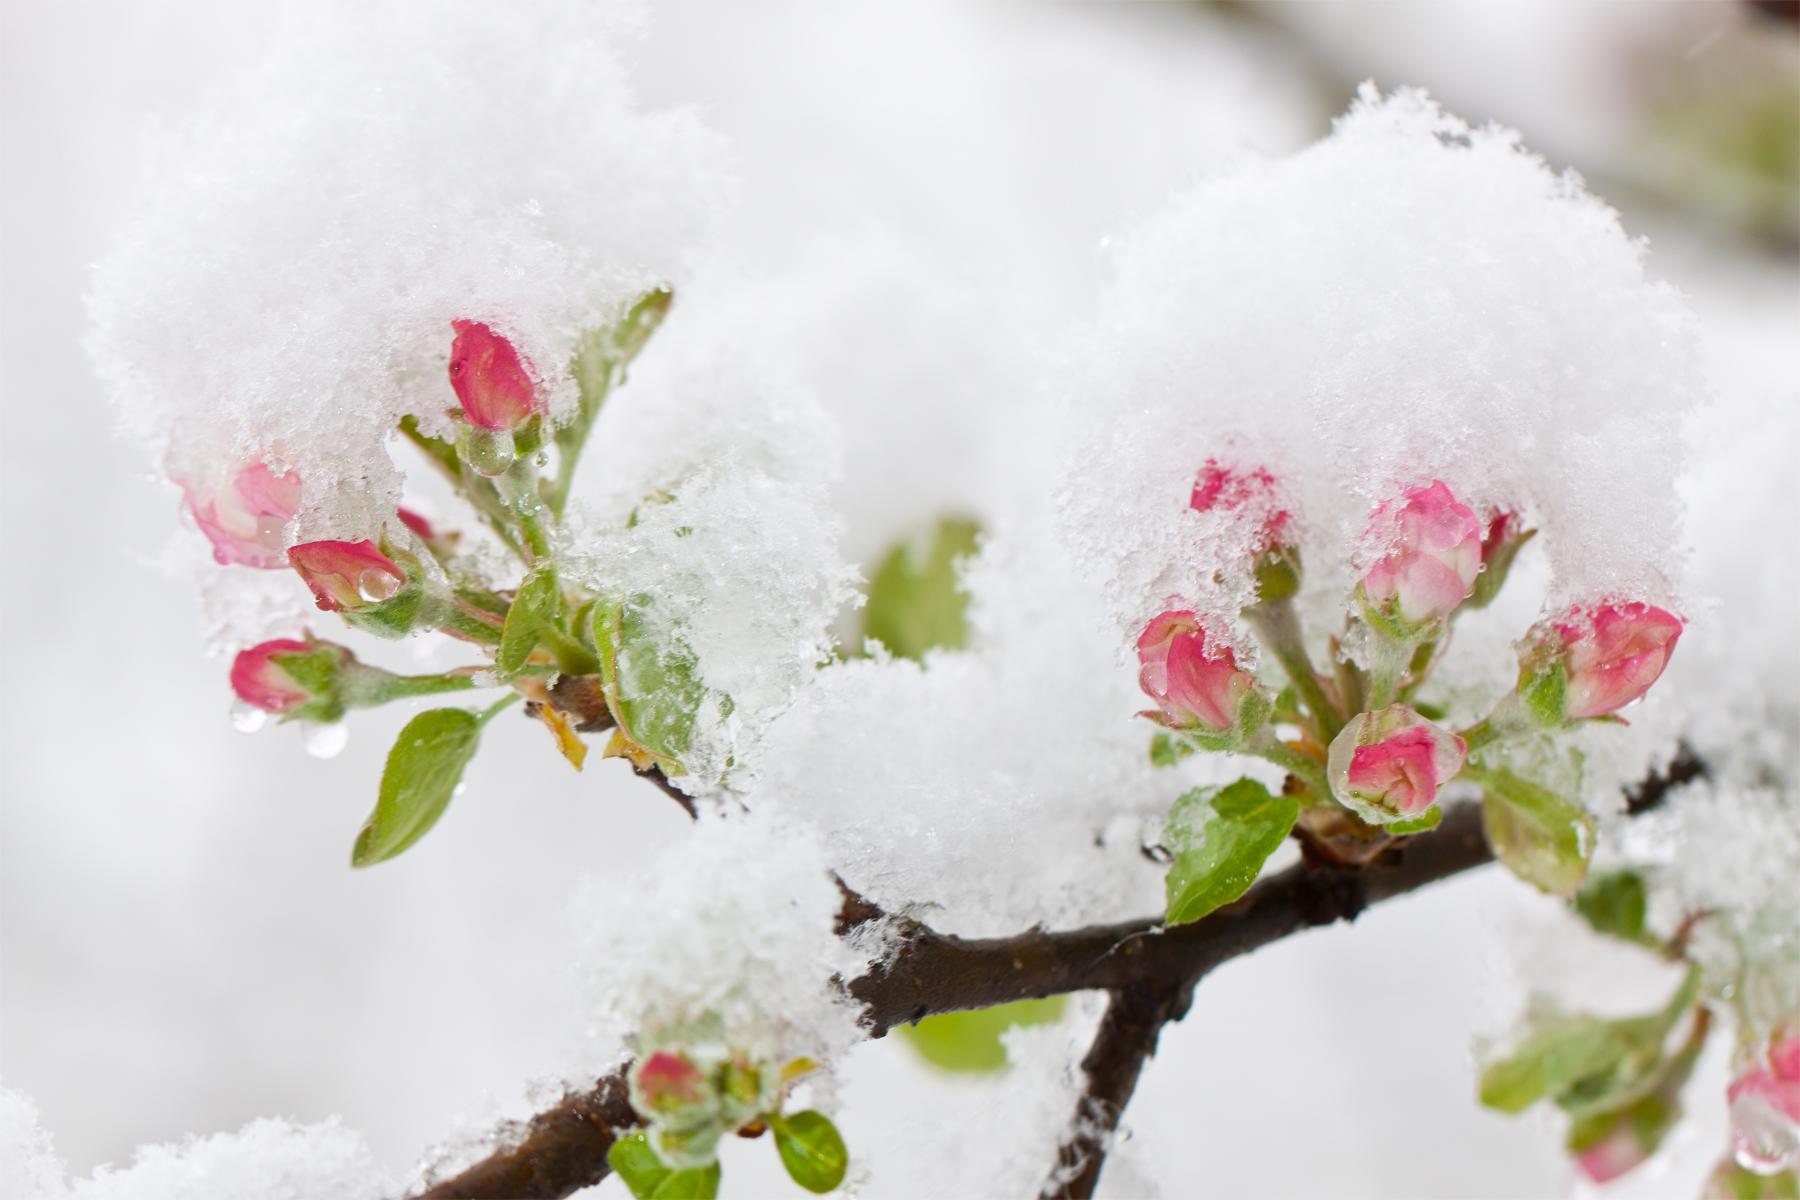 Rot-Grün-Braun-Schneeweiß